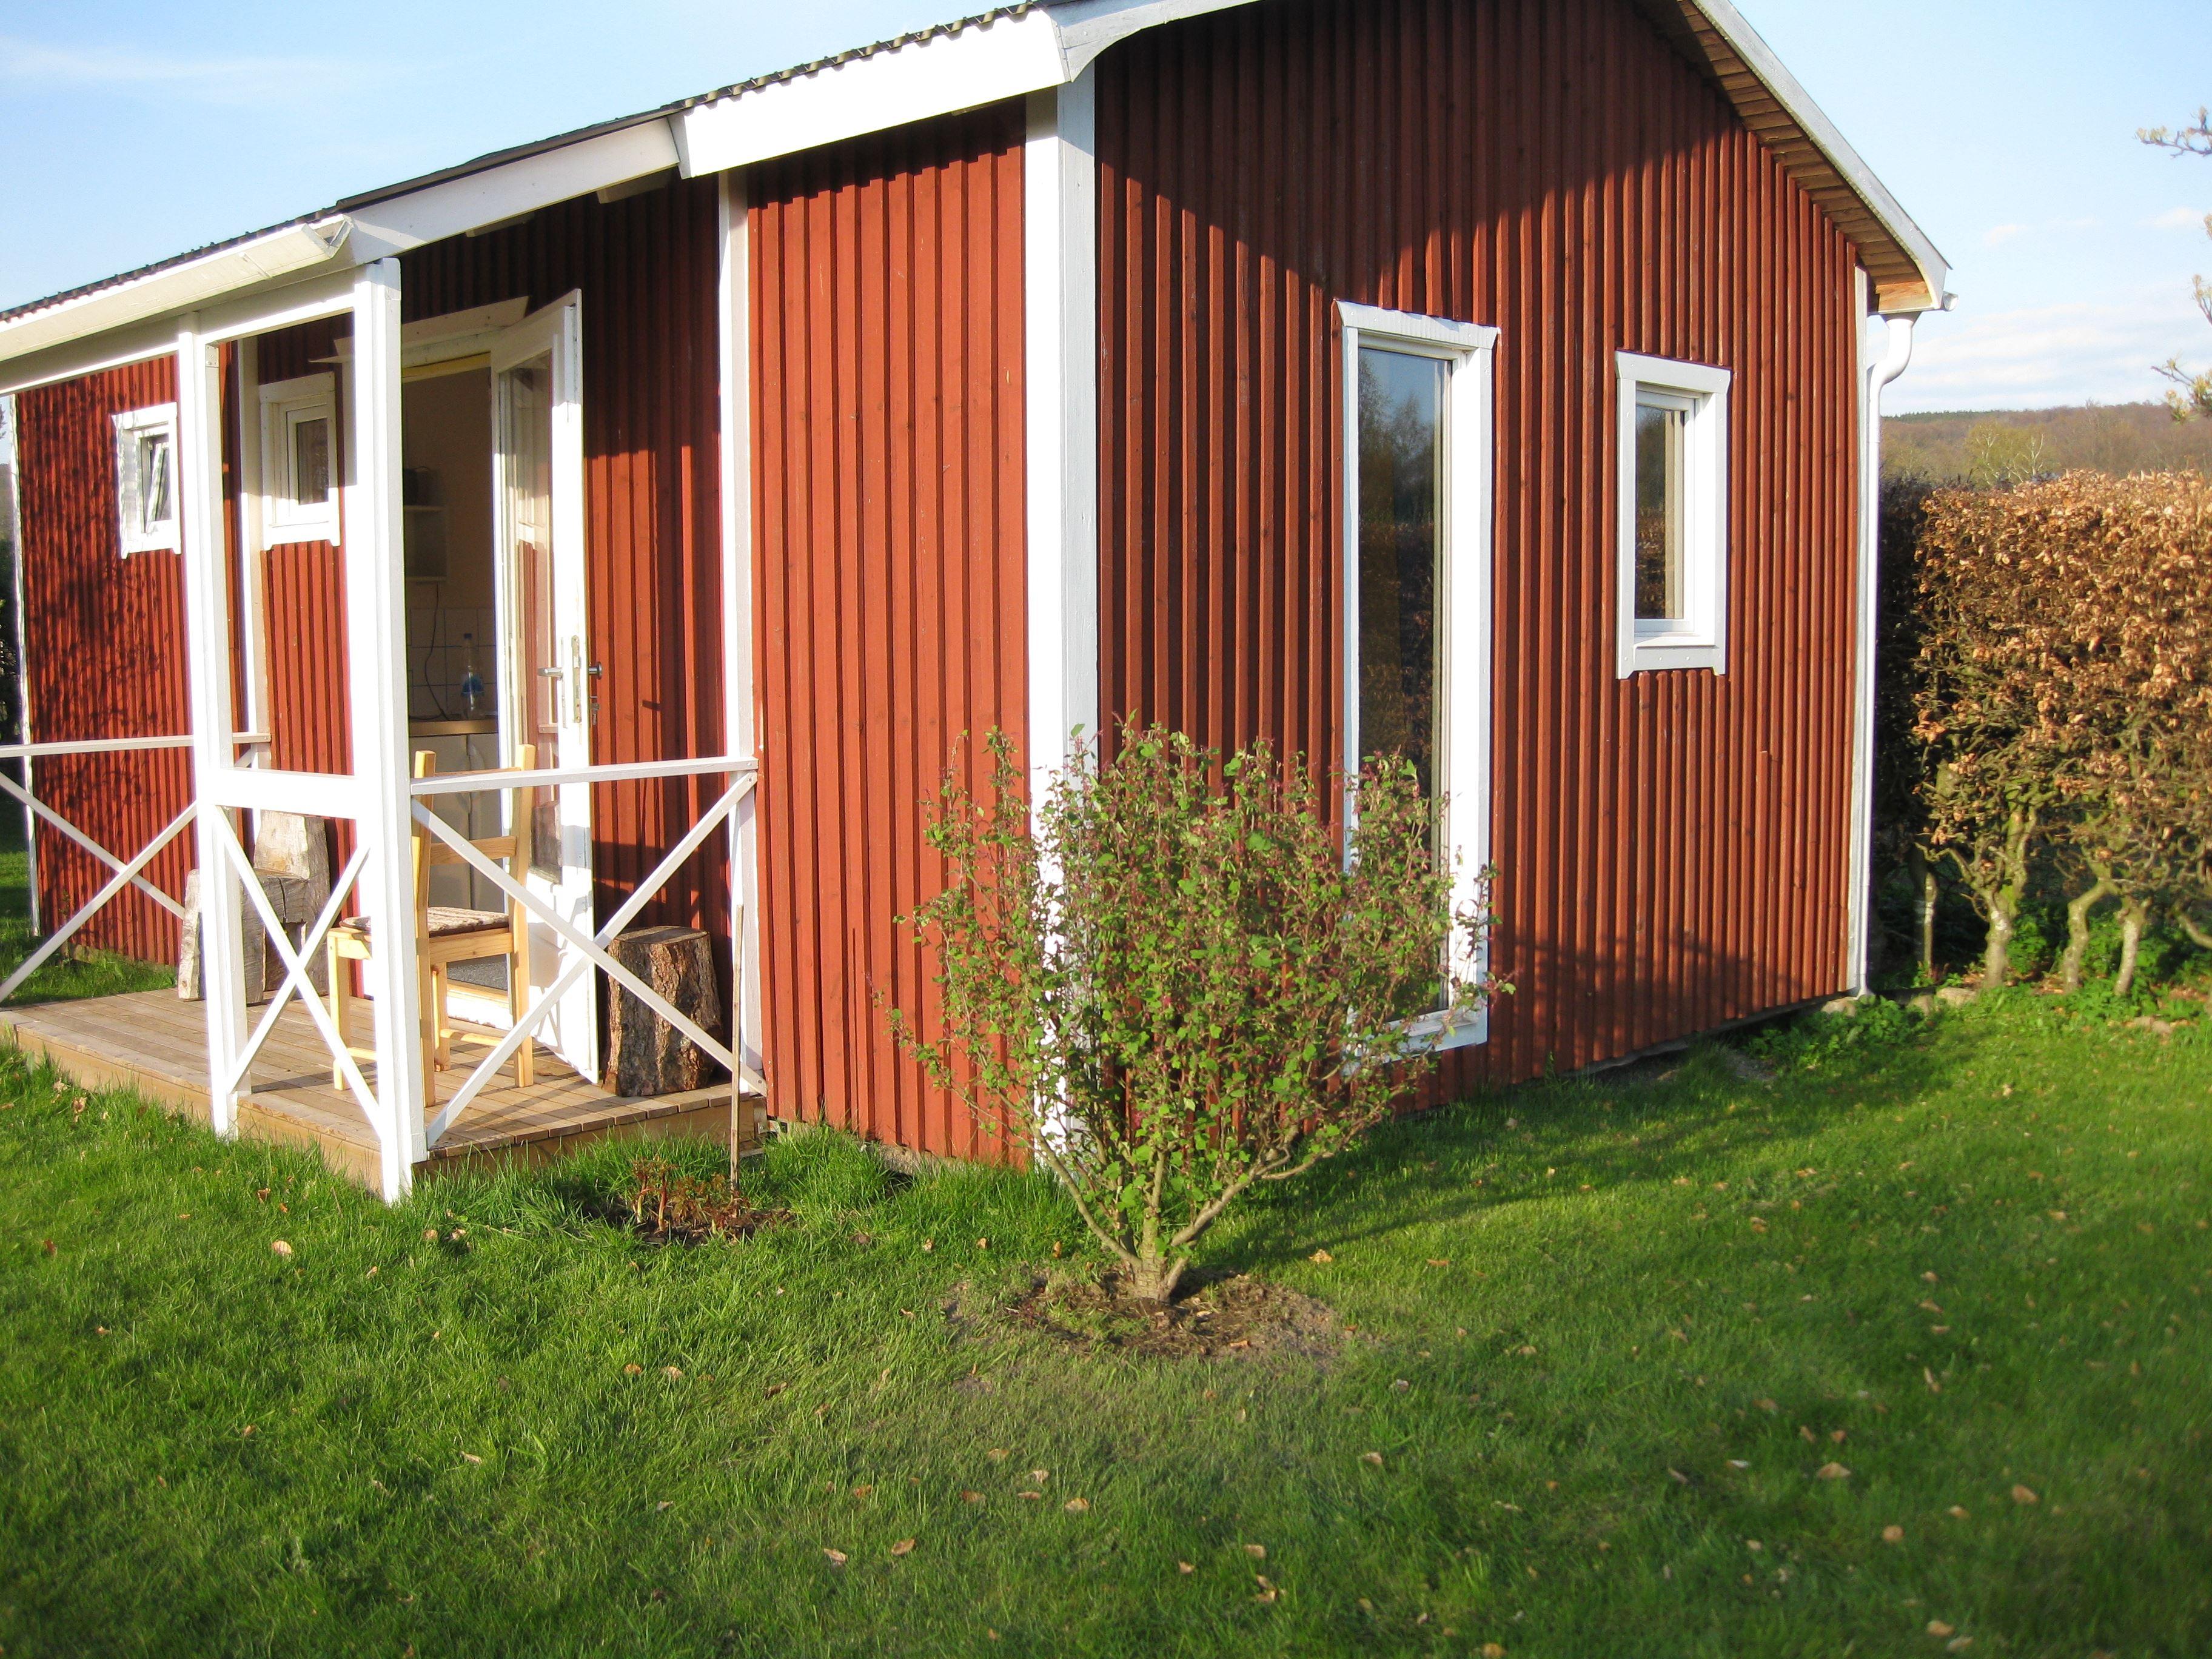 Homestay - Båstad (Christel Voges)